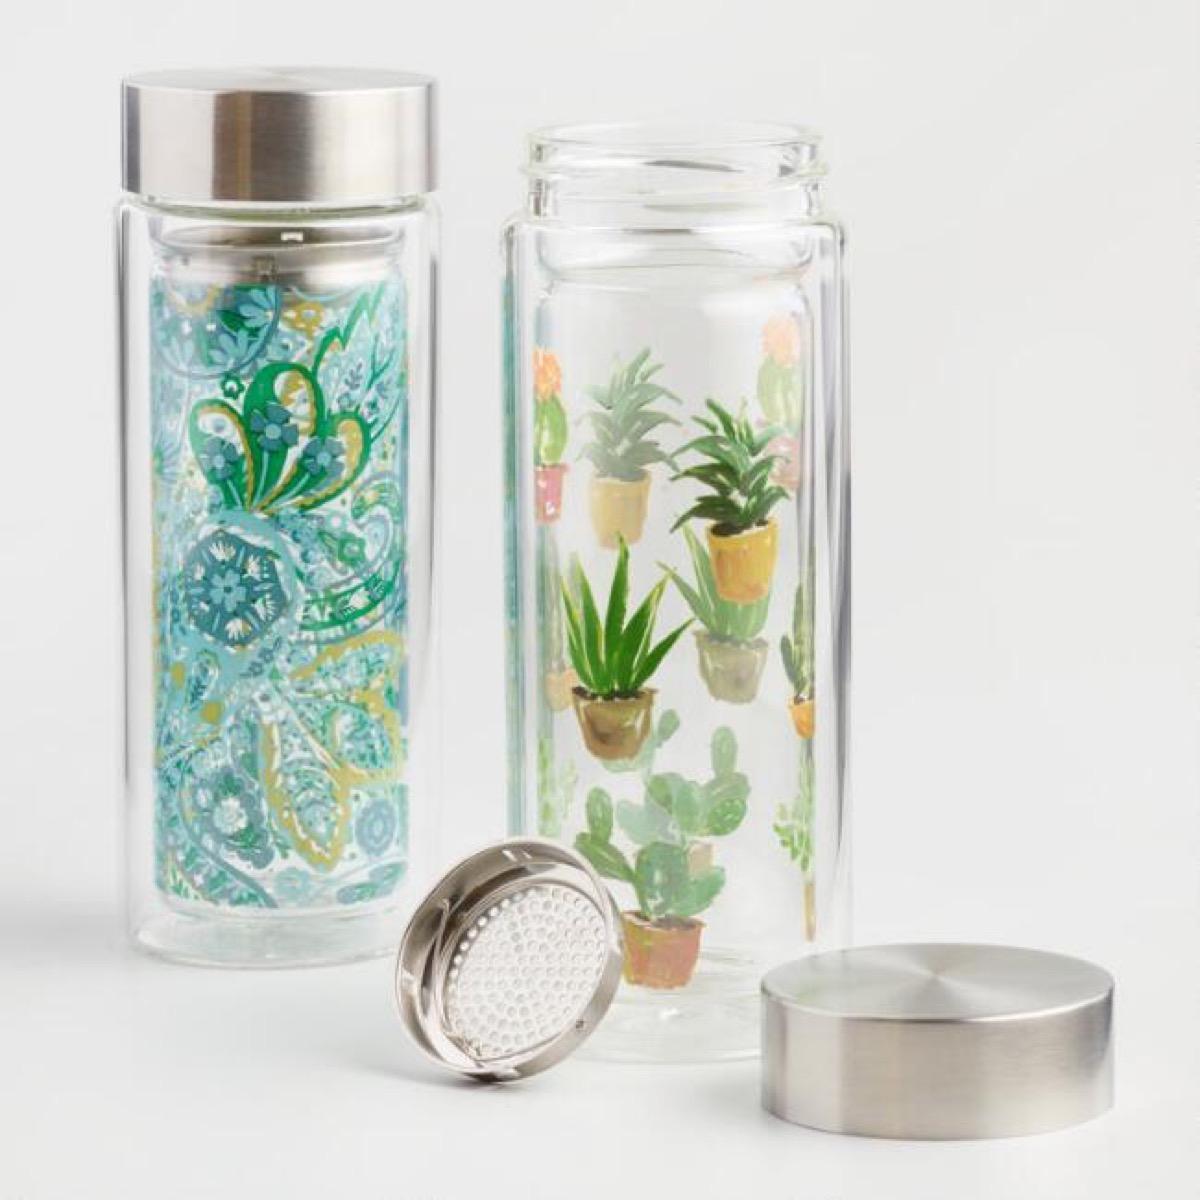 patterned tea infuser bottles, picnic essentials